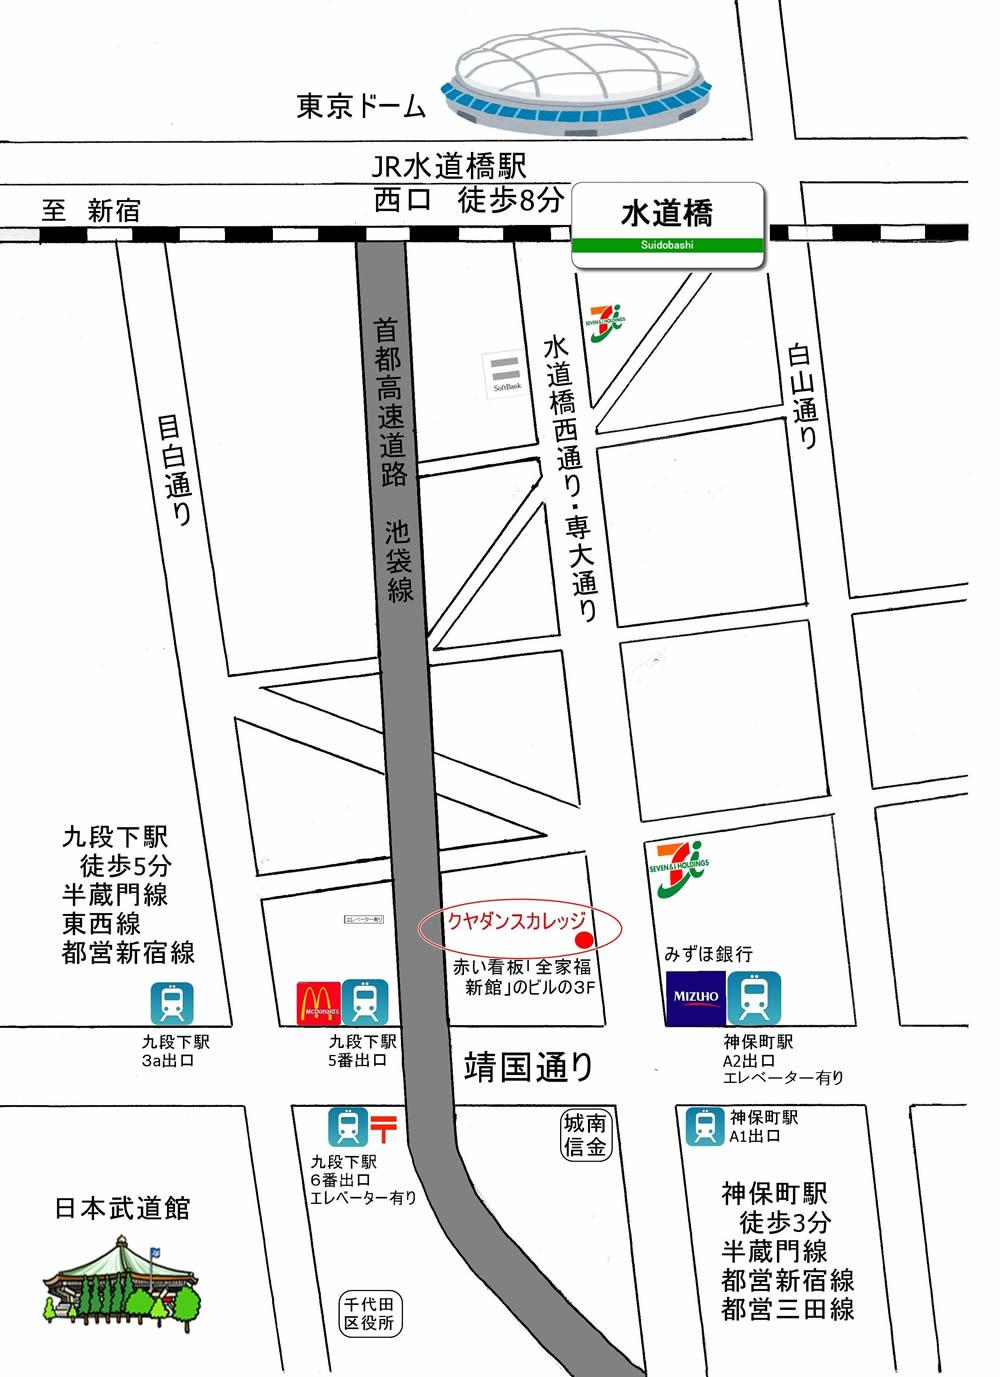 クヤダンスカレッジ周辺地図